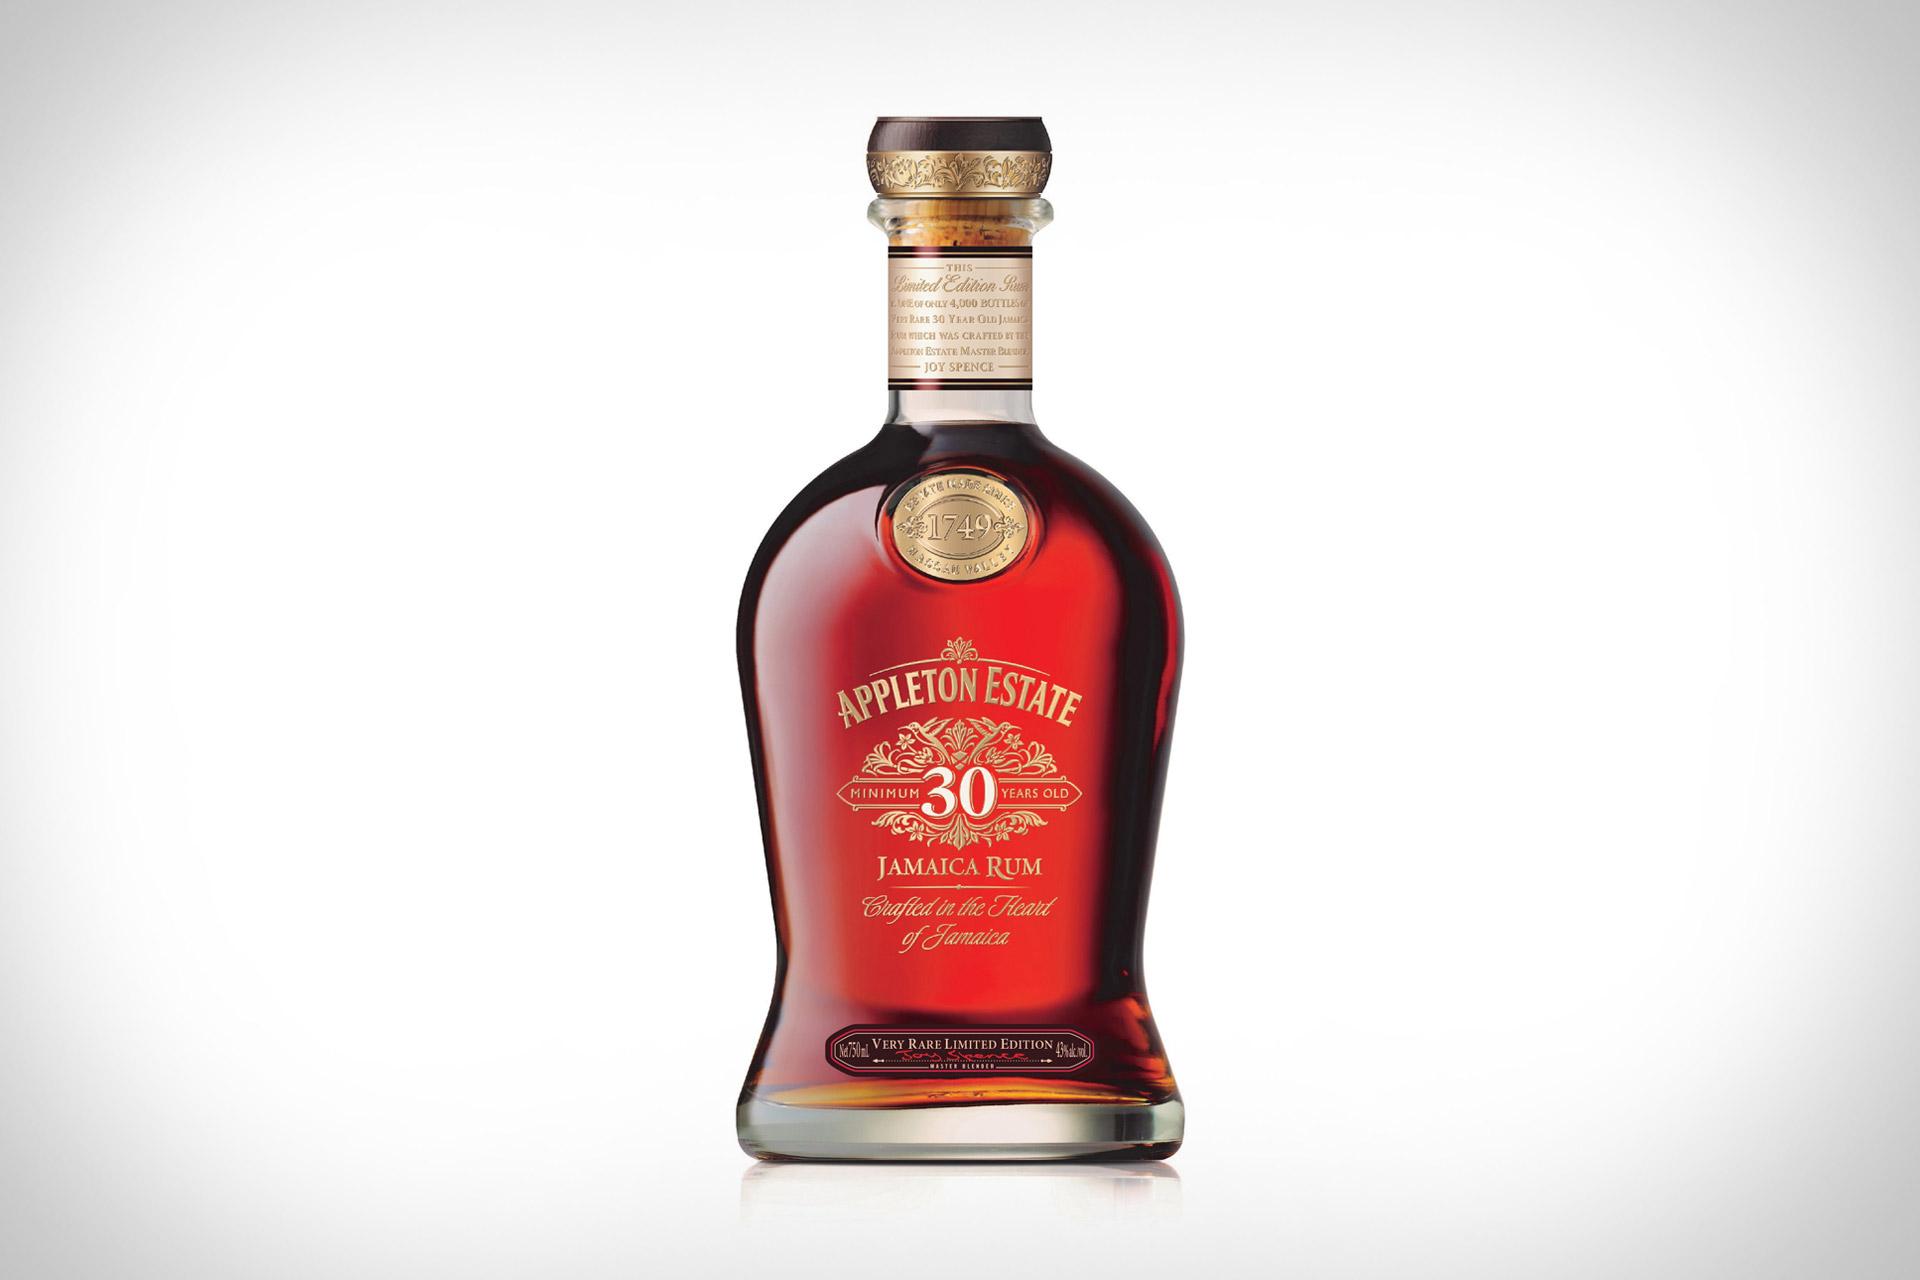 Appleton Estate 30-Year-Old Rum